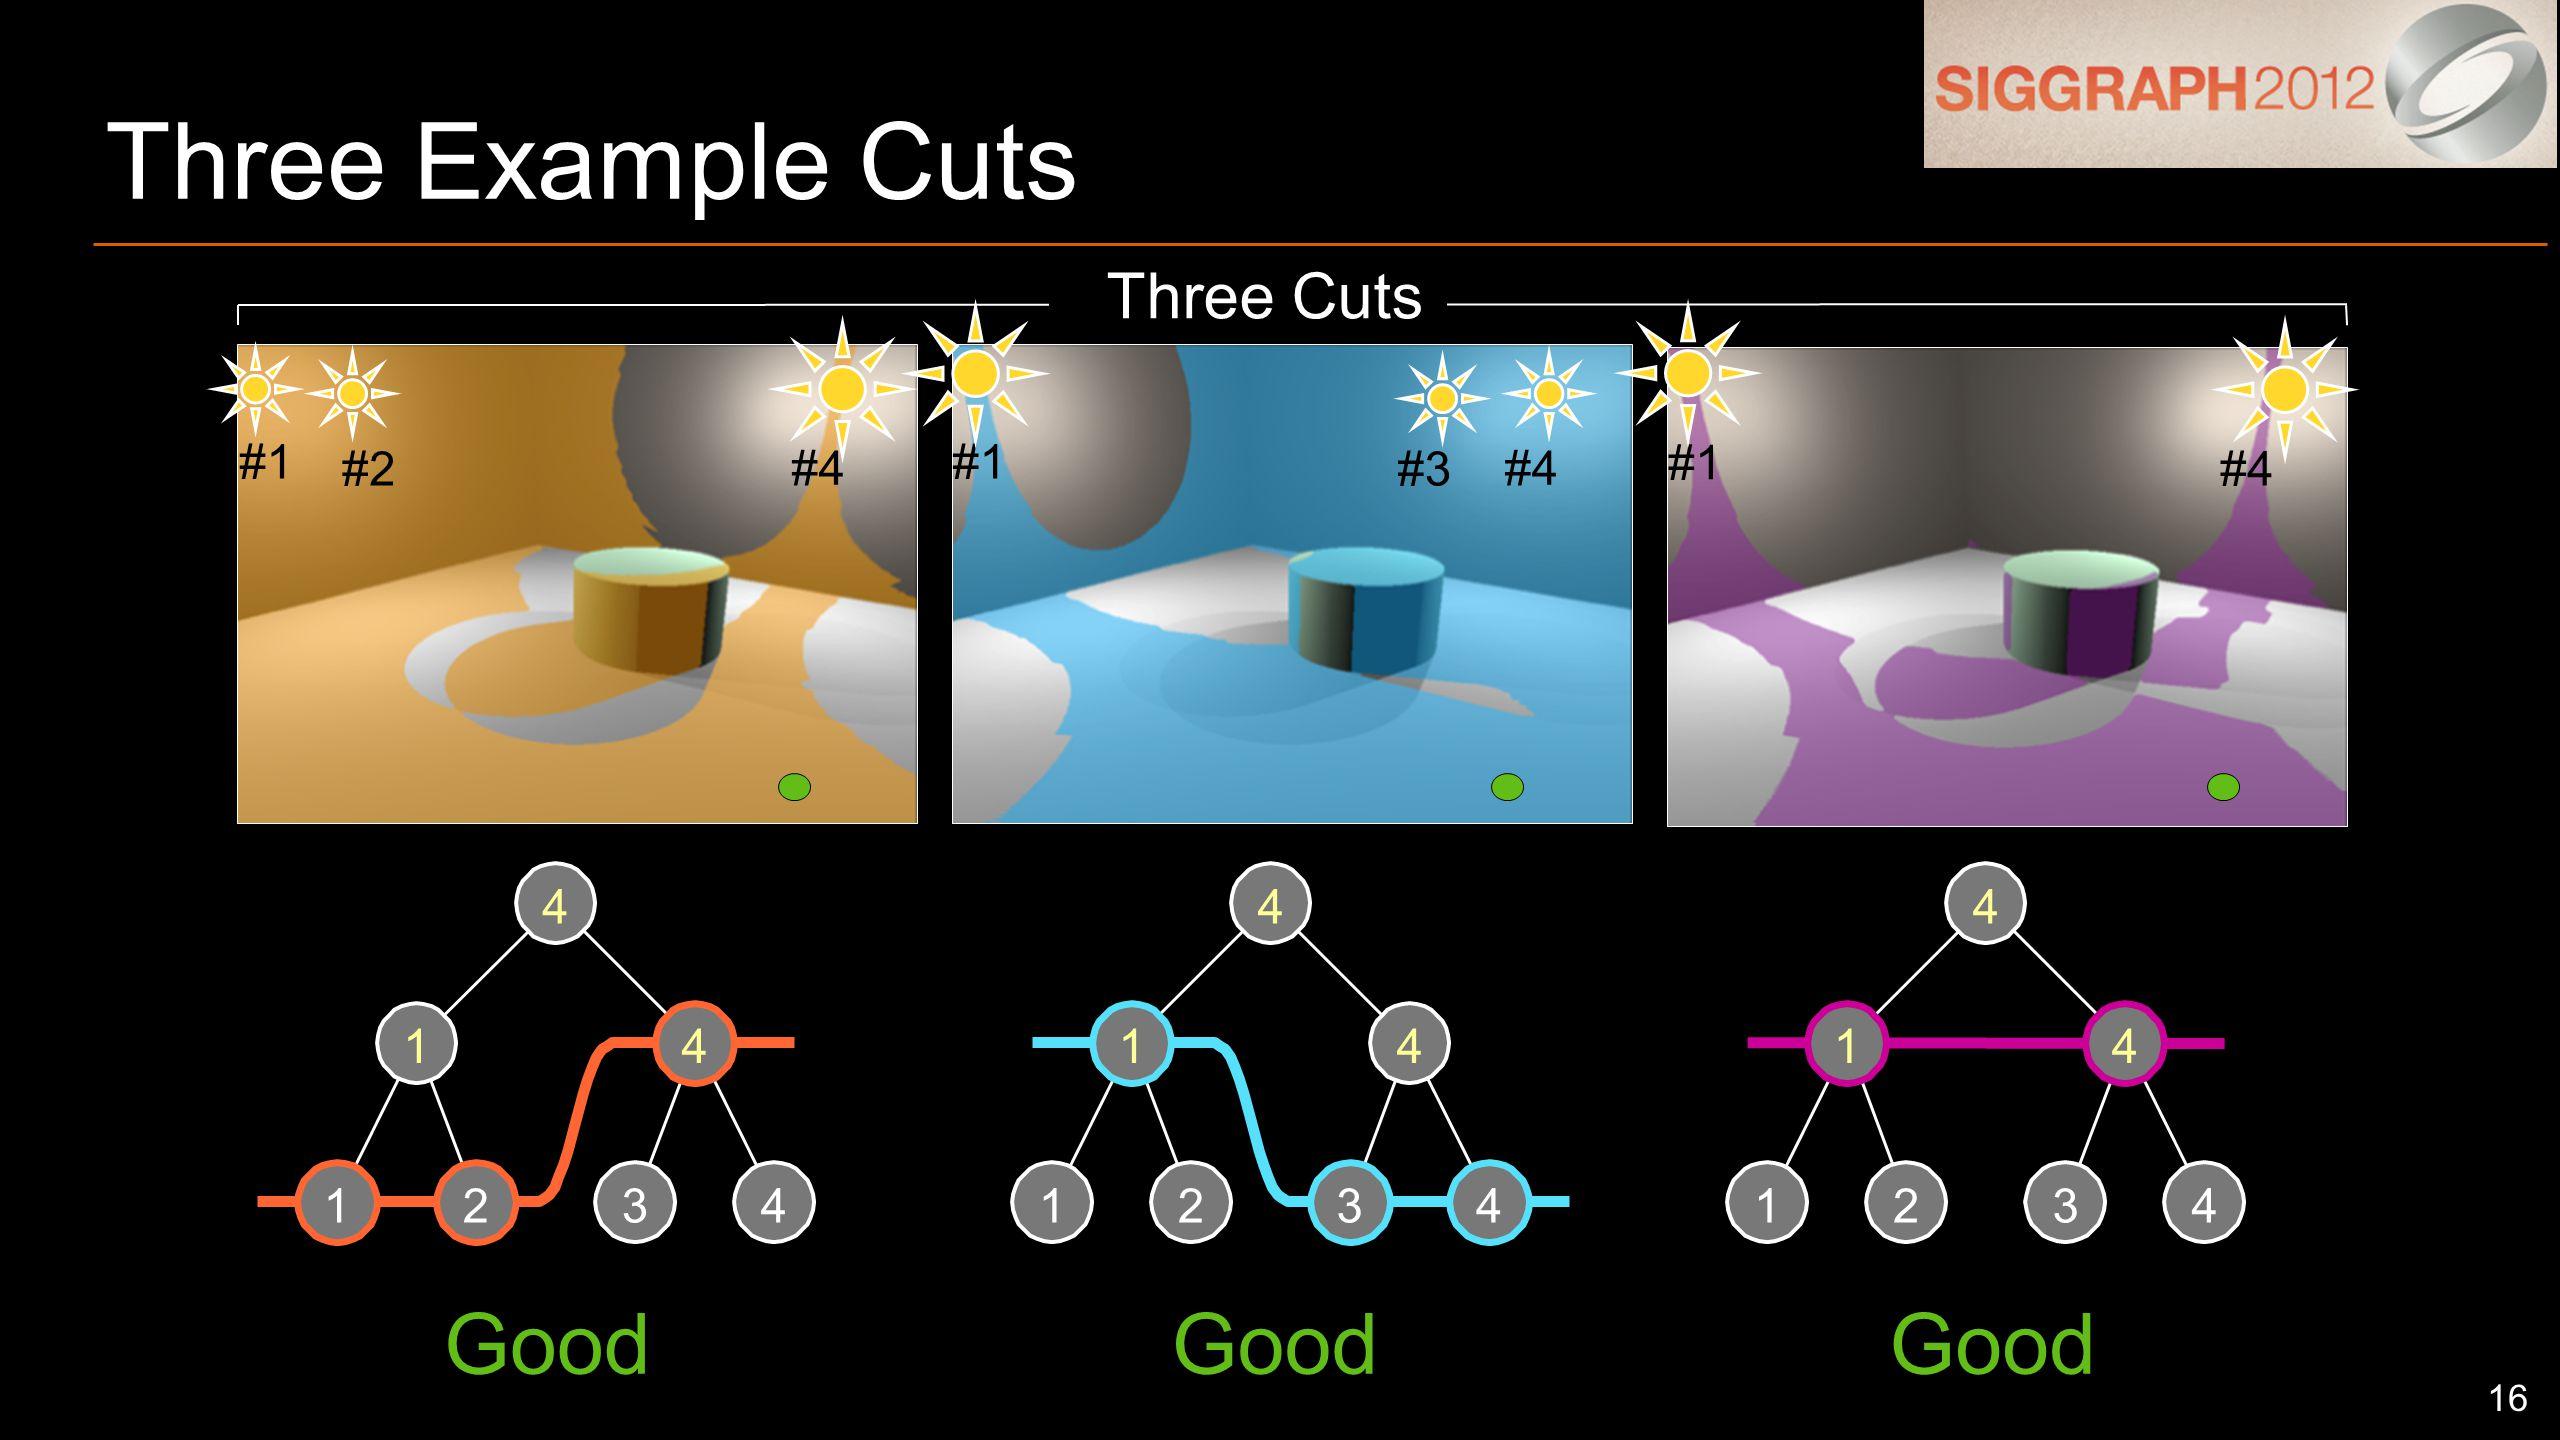 16 Three Example Cuts 1234 14 4 1234 14 4 1234 14 4 Three Cuts #1 #2 #4 #1 #3 #4 #1 #4 Good